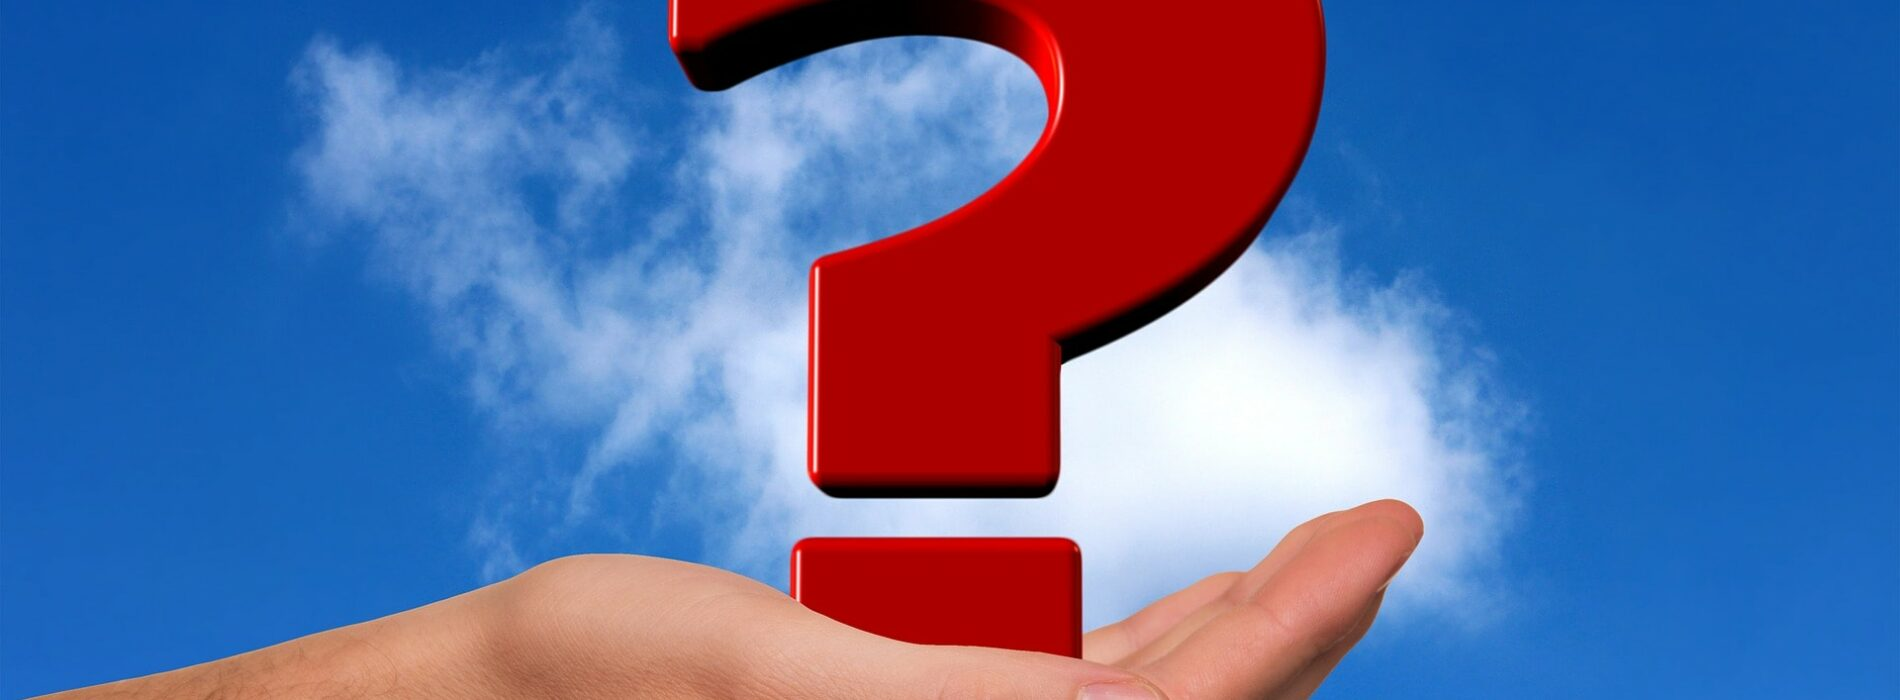 Искусство задавать правильные вопросы